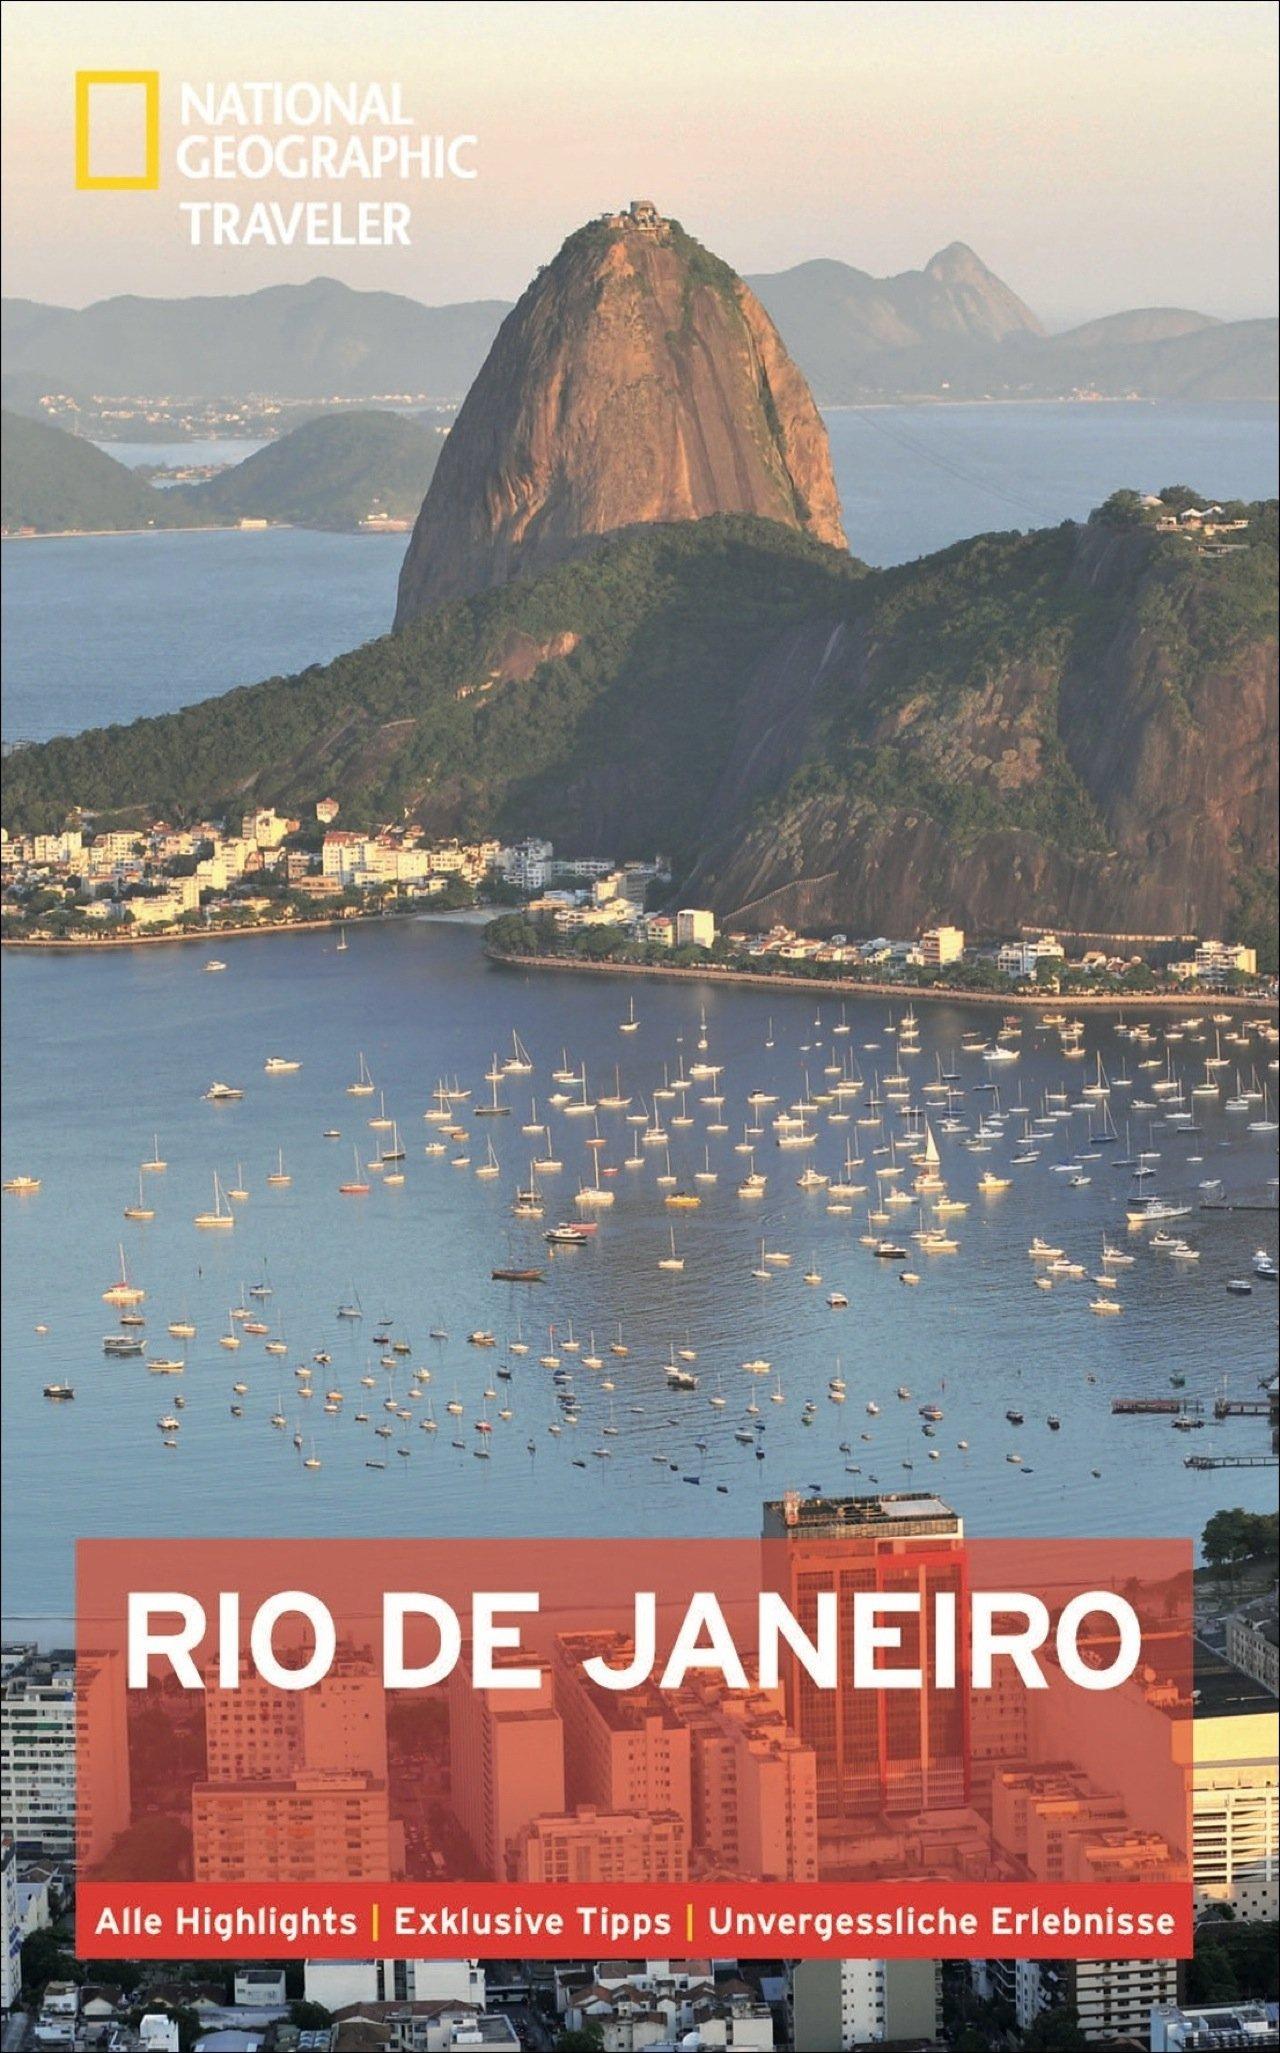 NATIONAL GEOGRAPHIC Reiseführer Rio de Janeiro: Das ultimative Reisehandbuch mit über 500 Adressen und praktischer Faltkarte zum Herausnehmen für alle Traveler. (National Geographic Traveler)